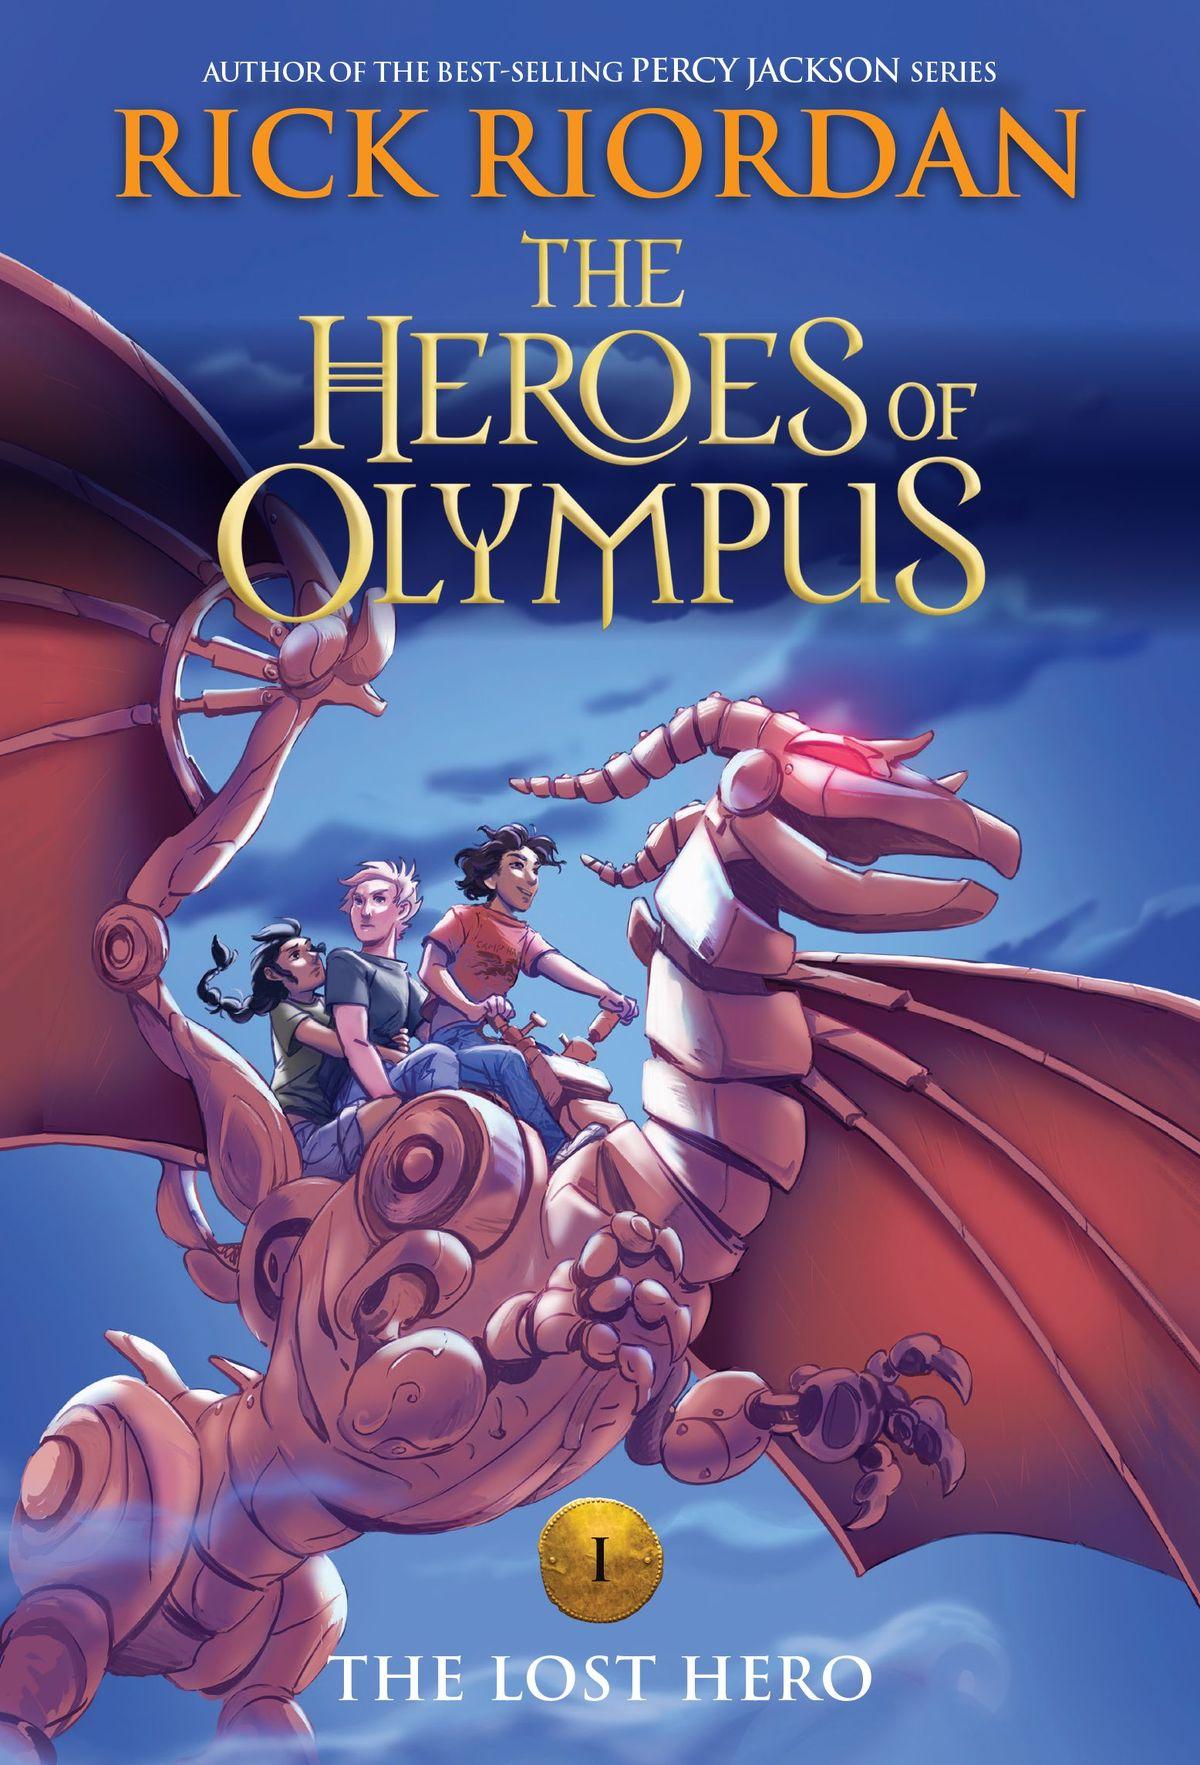 Heroes of Olympus' series by Rick Riordan receives updated